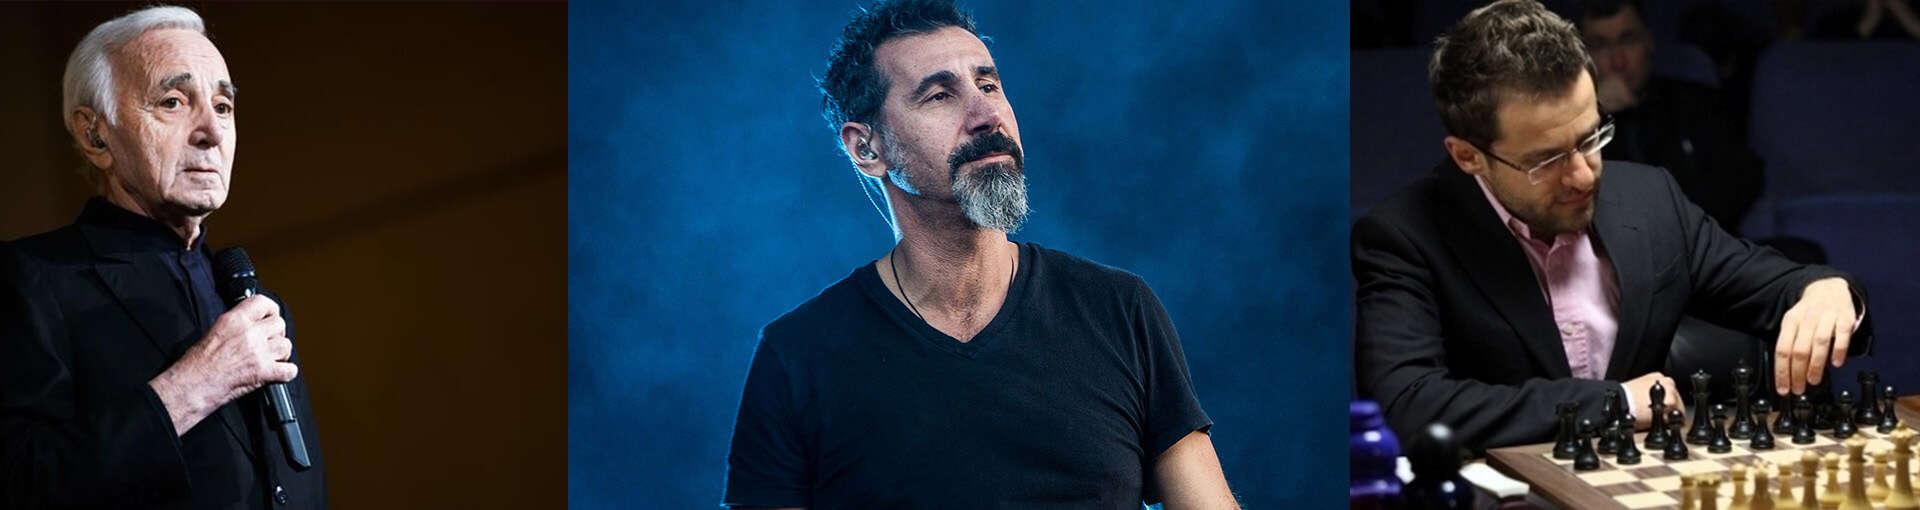 10 most famous Armenian men